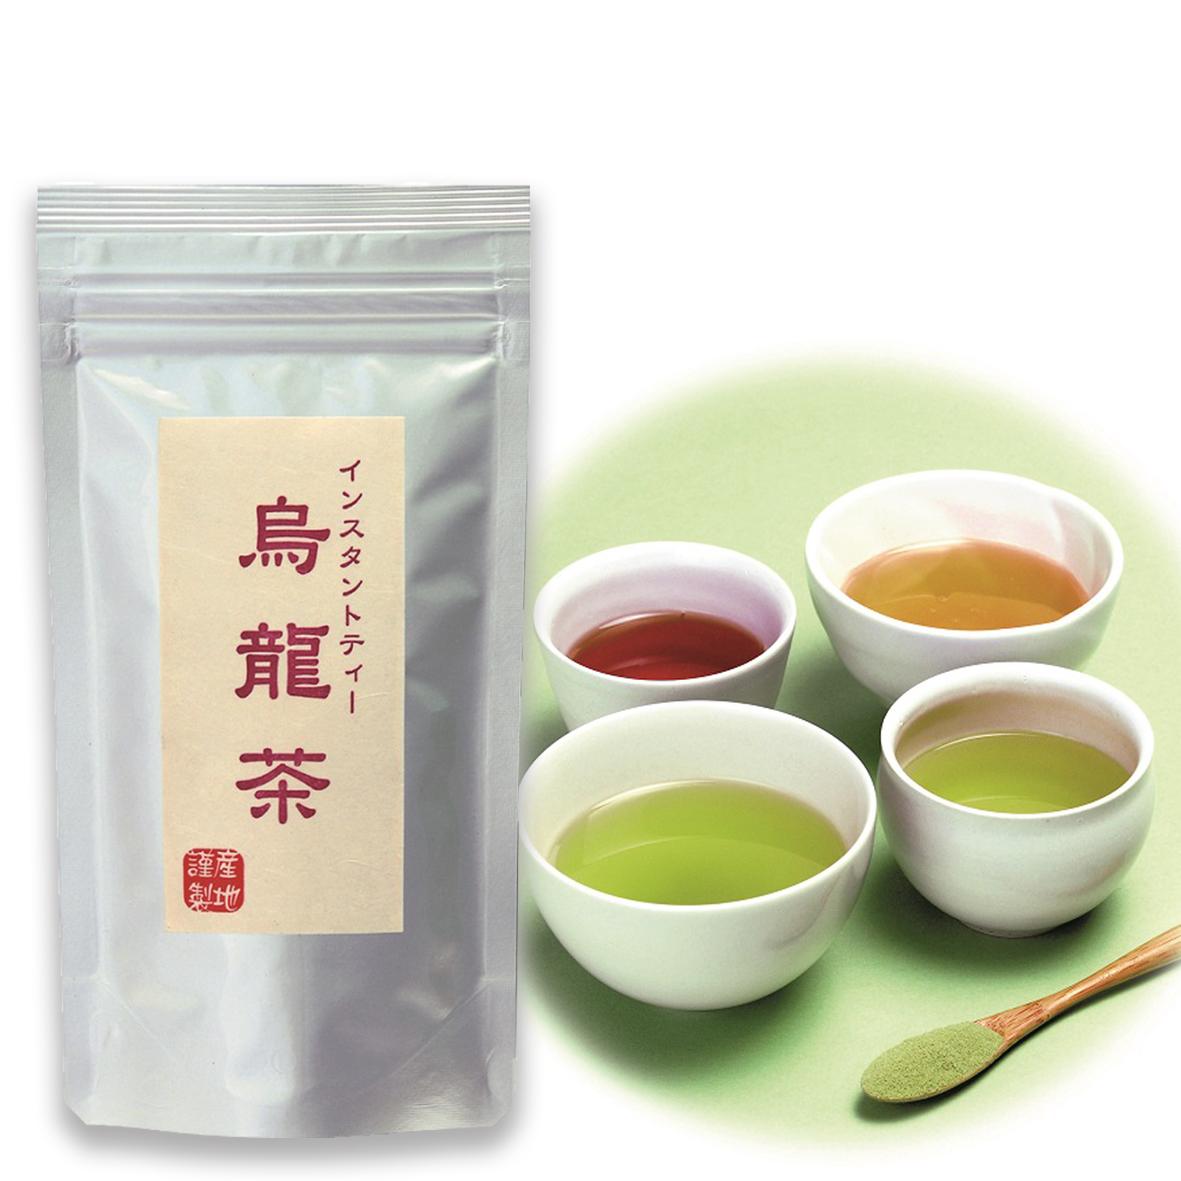 インスタントティー 烏龍茶(50g袋入り)